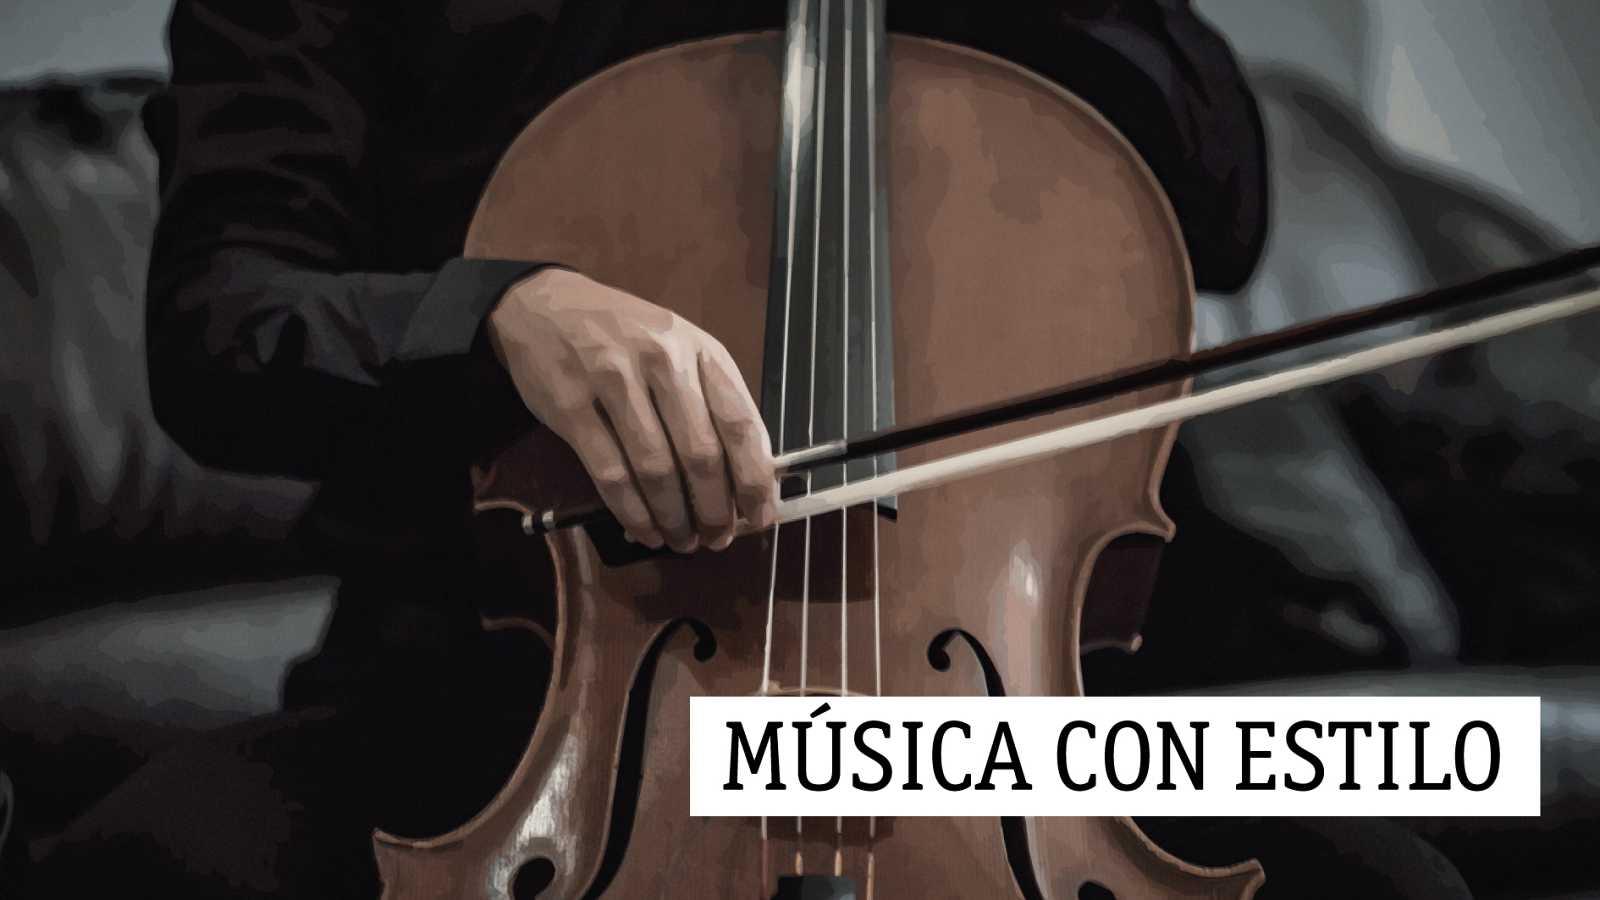 Música con estilo - Iconografía musical en el gótico - 21/07/19 - escuchar ahora